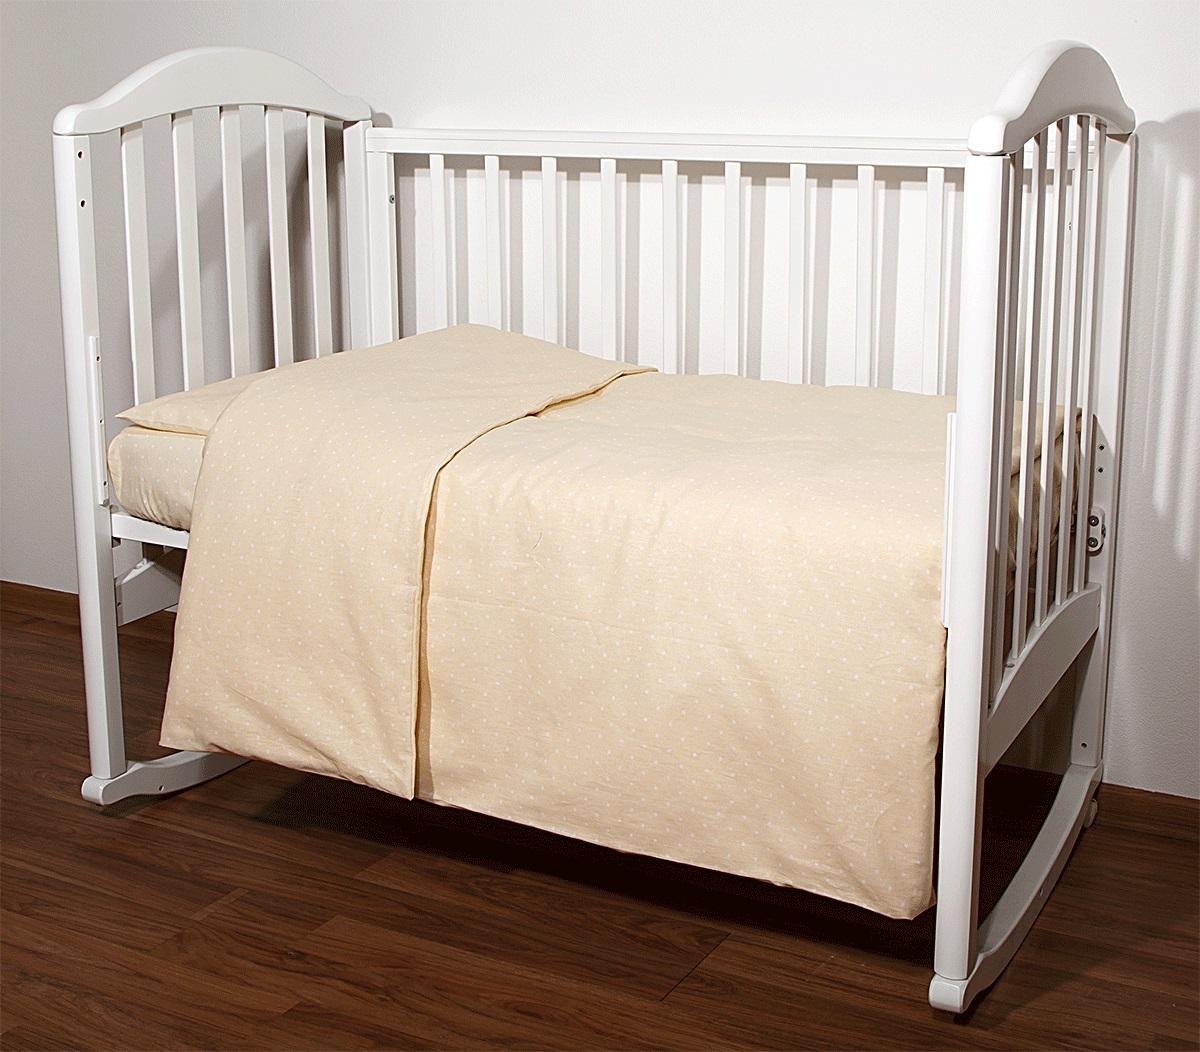 Baby Nice Комплект белья для новорожденных Горох цвет бежевыйС1112Постельное бельё, сшито из качественной бязи импортного производства.Бельё не деформируется, цвет не выстирывается. наволочка 40х60, пододеяльник 112х147,простынь 110х147